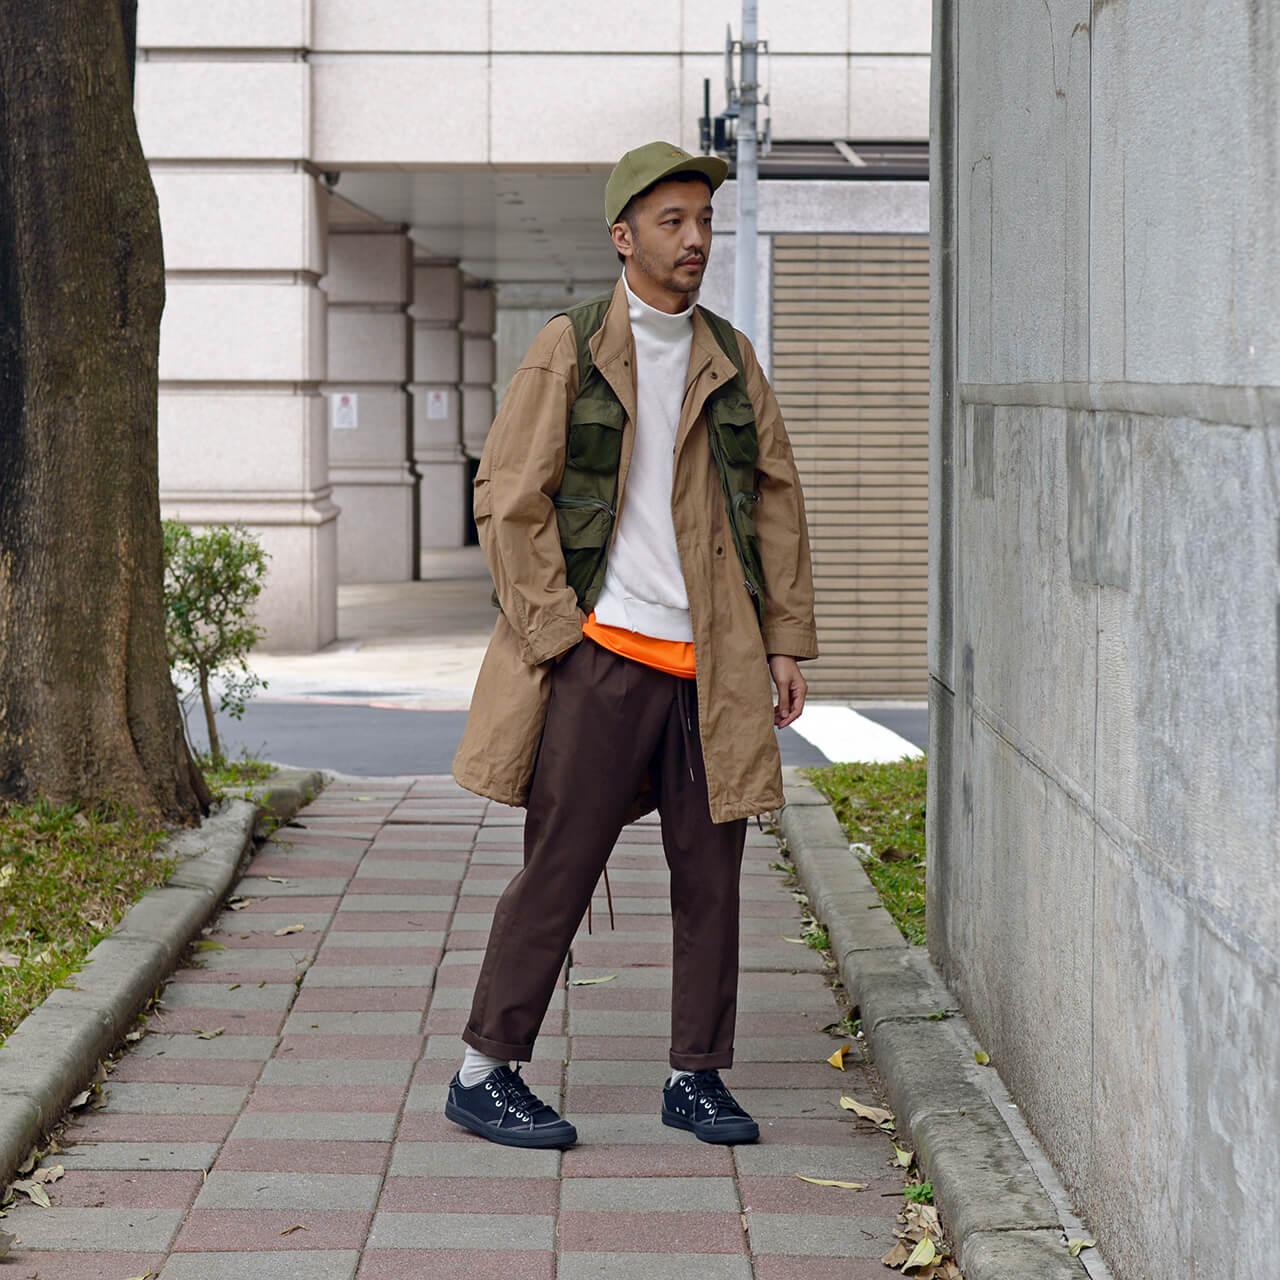 冬季穿搭,男生穿搭,街頭,西裝,休閒搭配,akko,akko 褲,一週搭配,街頭搭配,搭配型人,街頭型人